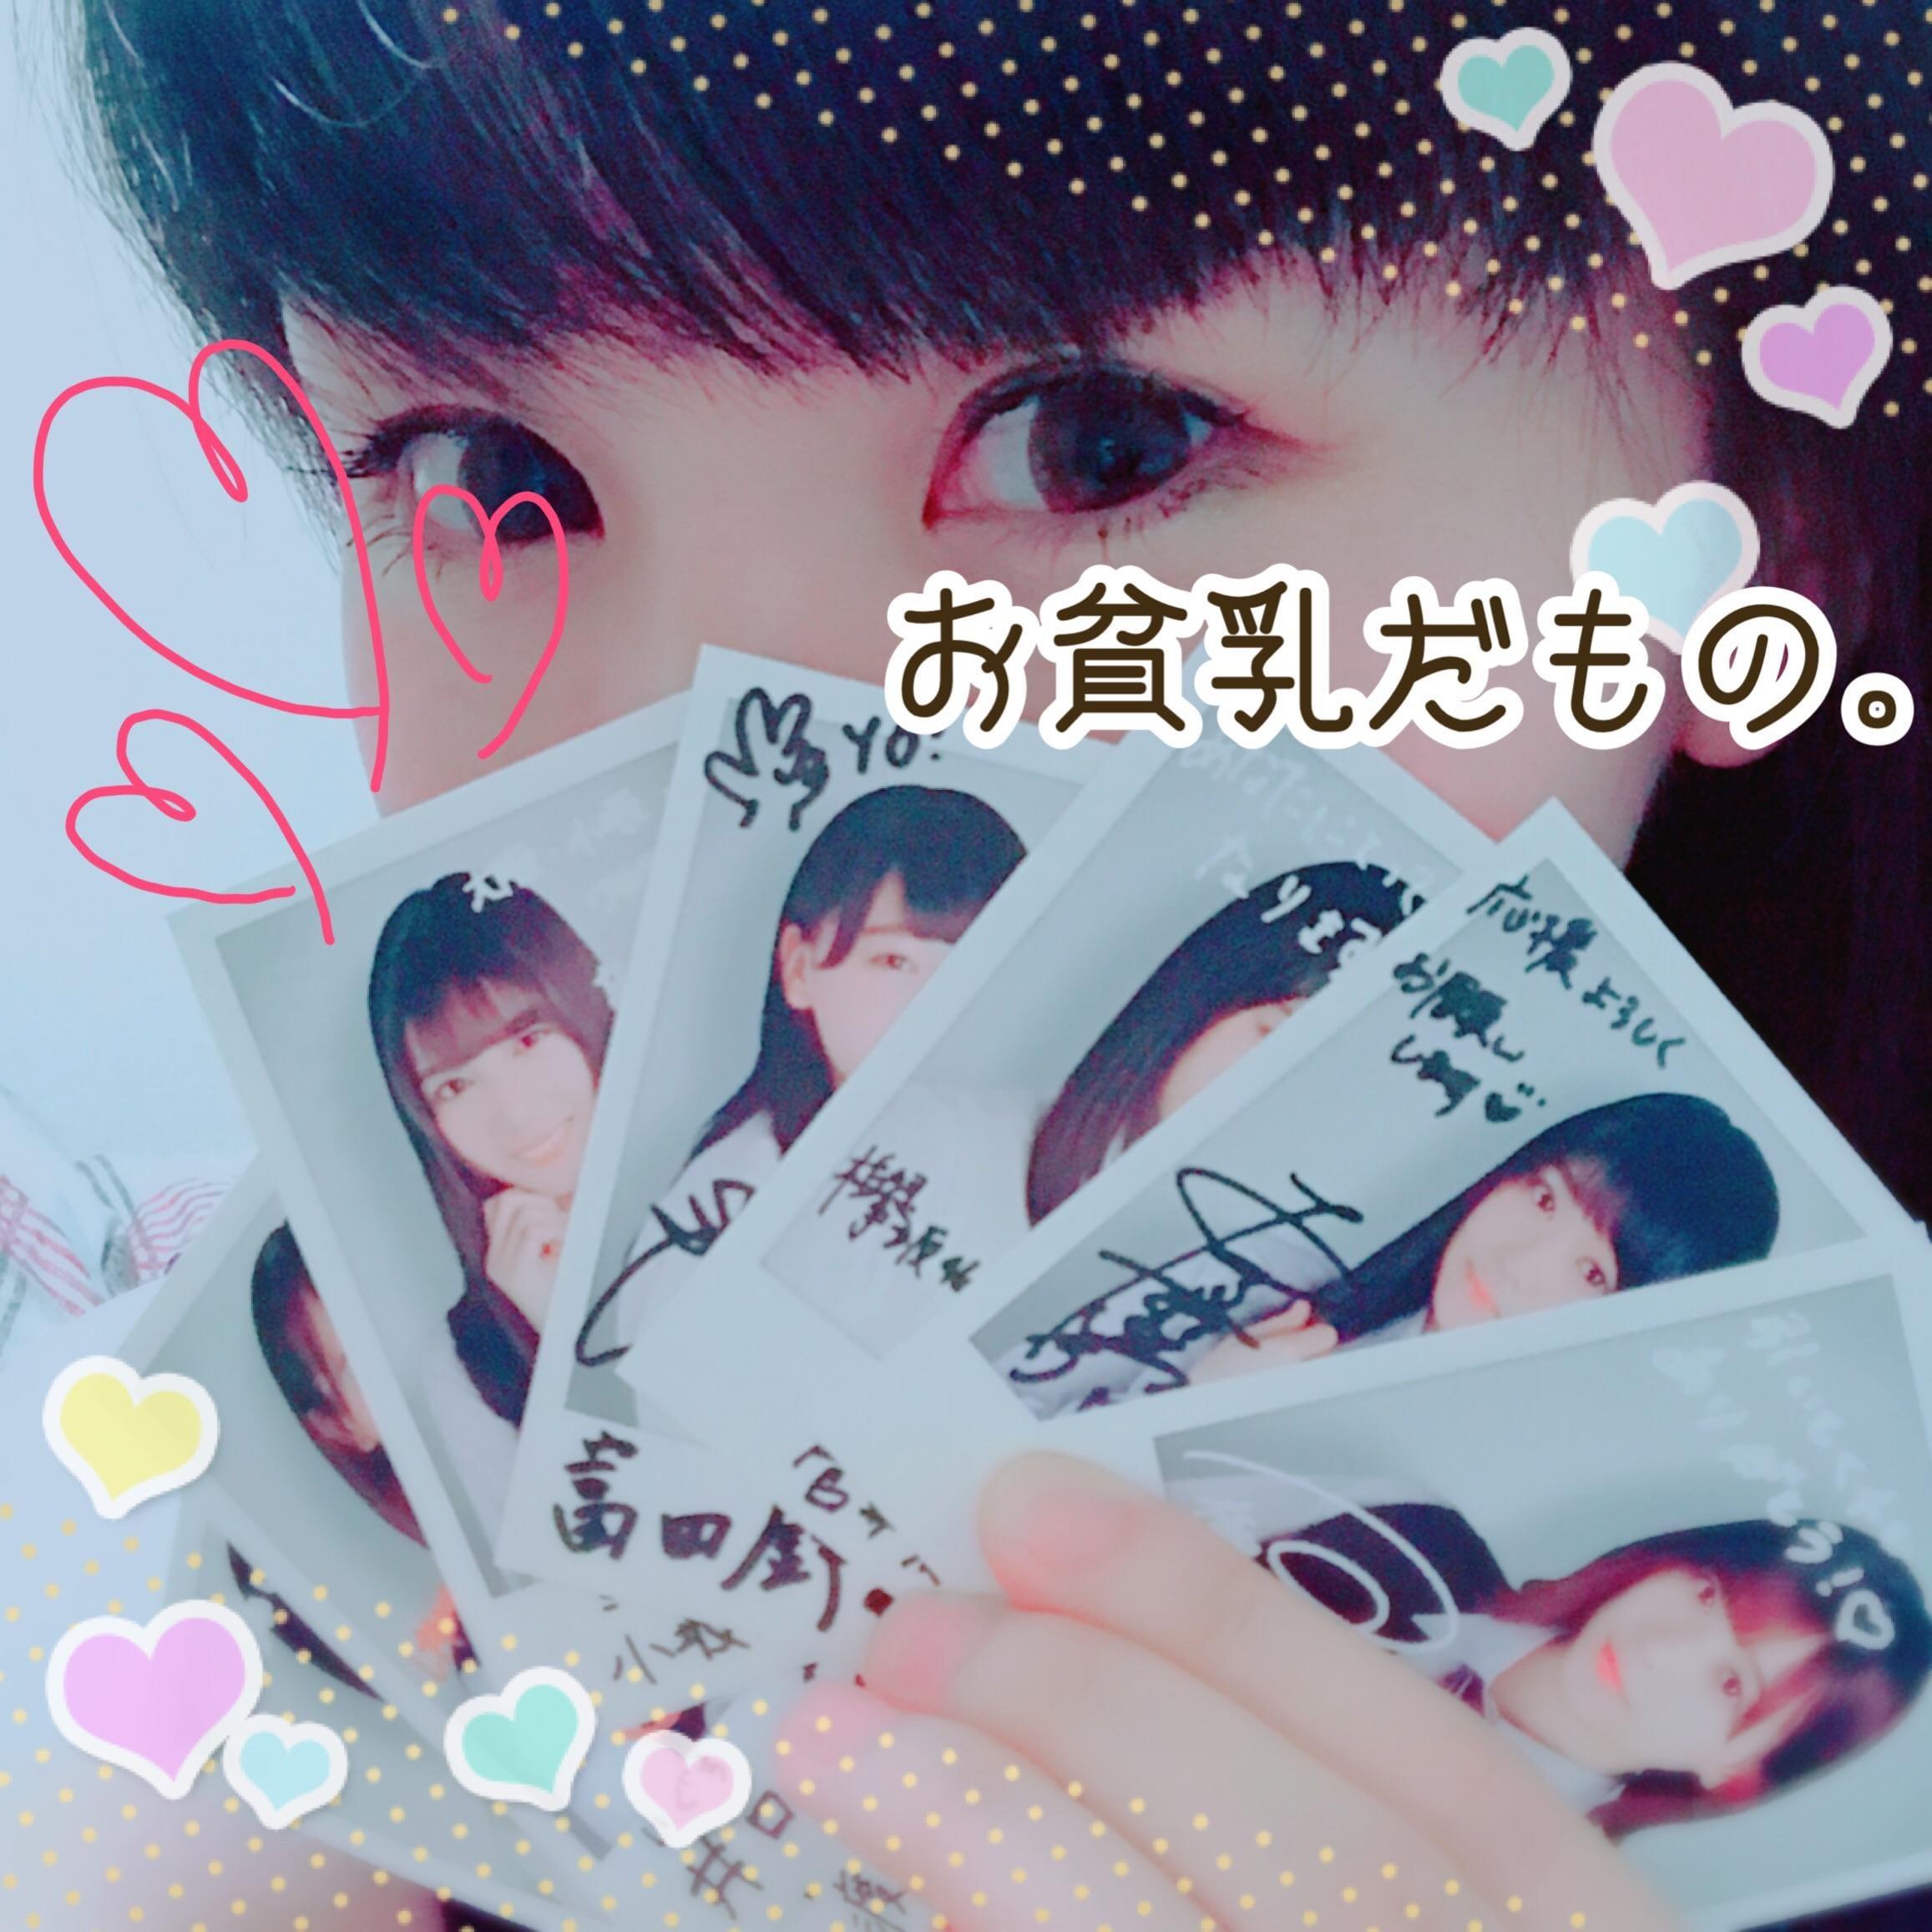 「坂道シリーズババンッ!おまめさん」08/09(08/09) 14:36   Mame(まめ)の写メ・風俗動画